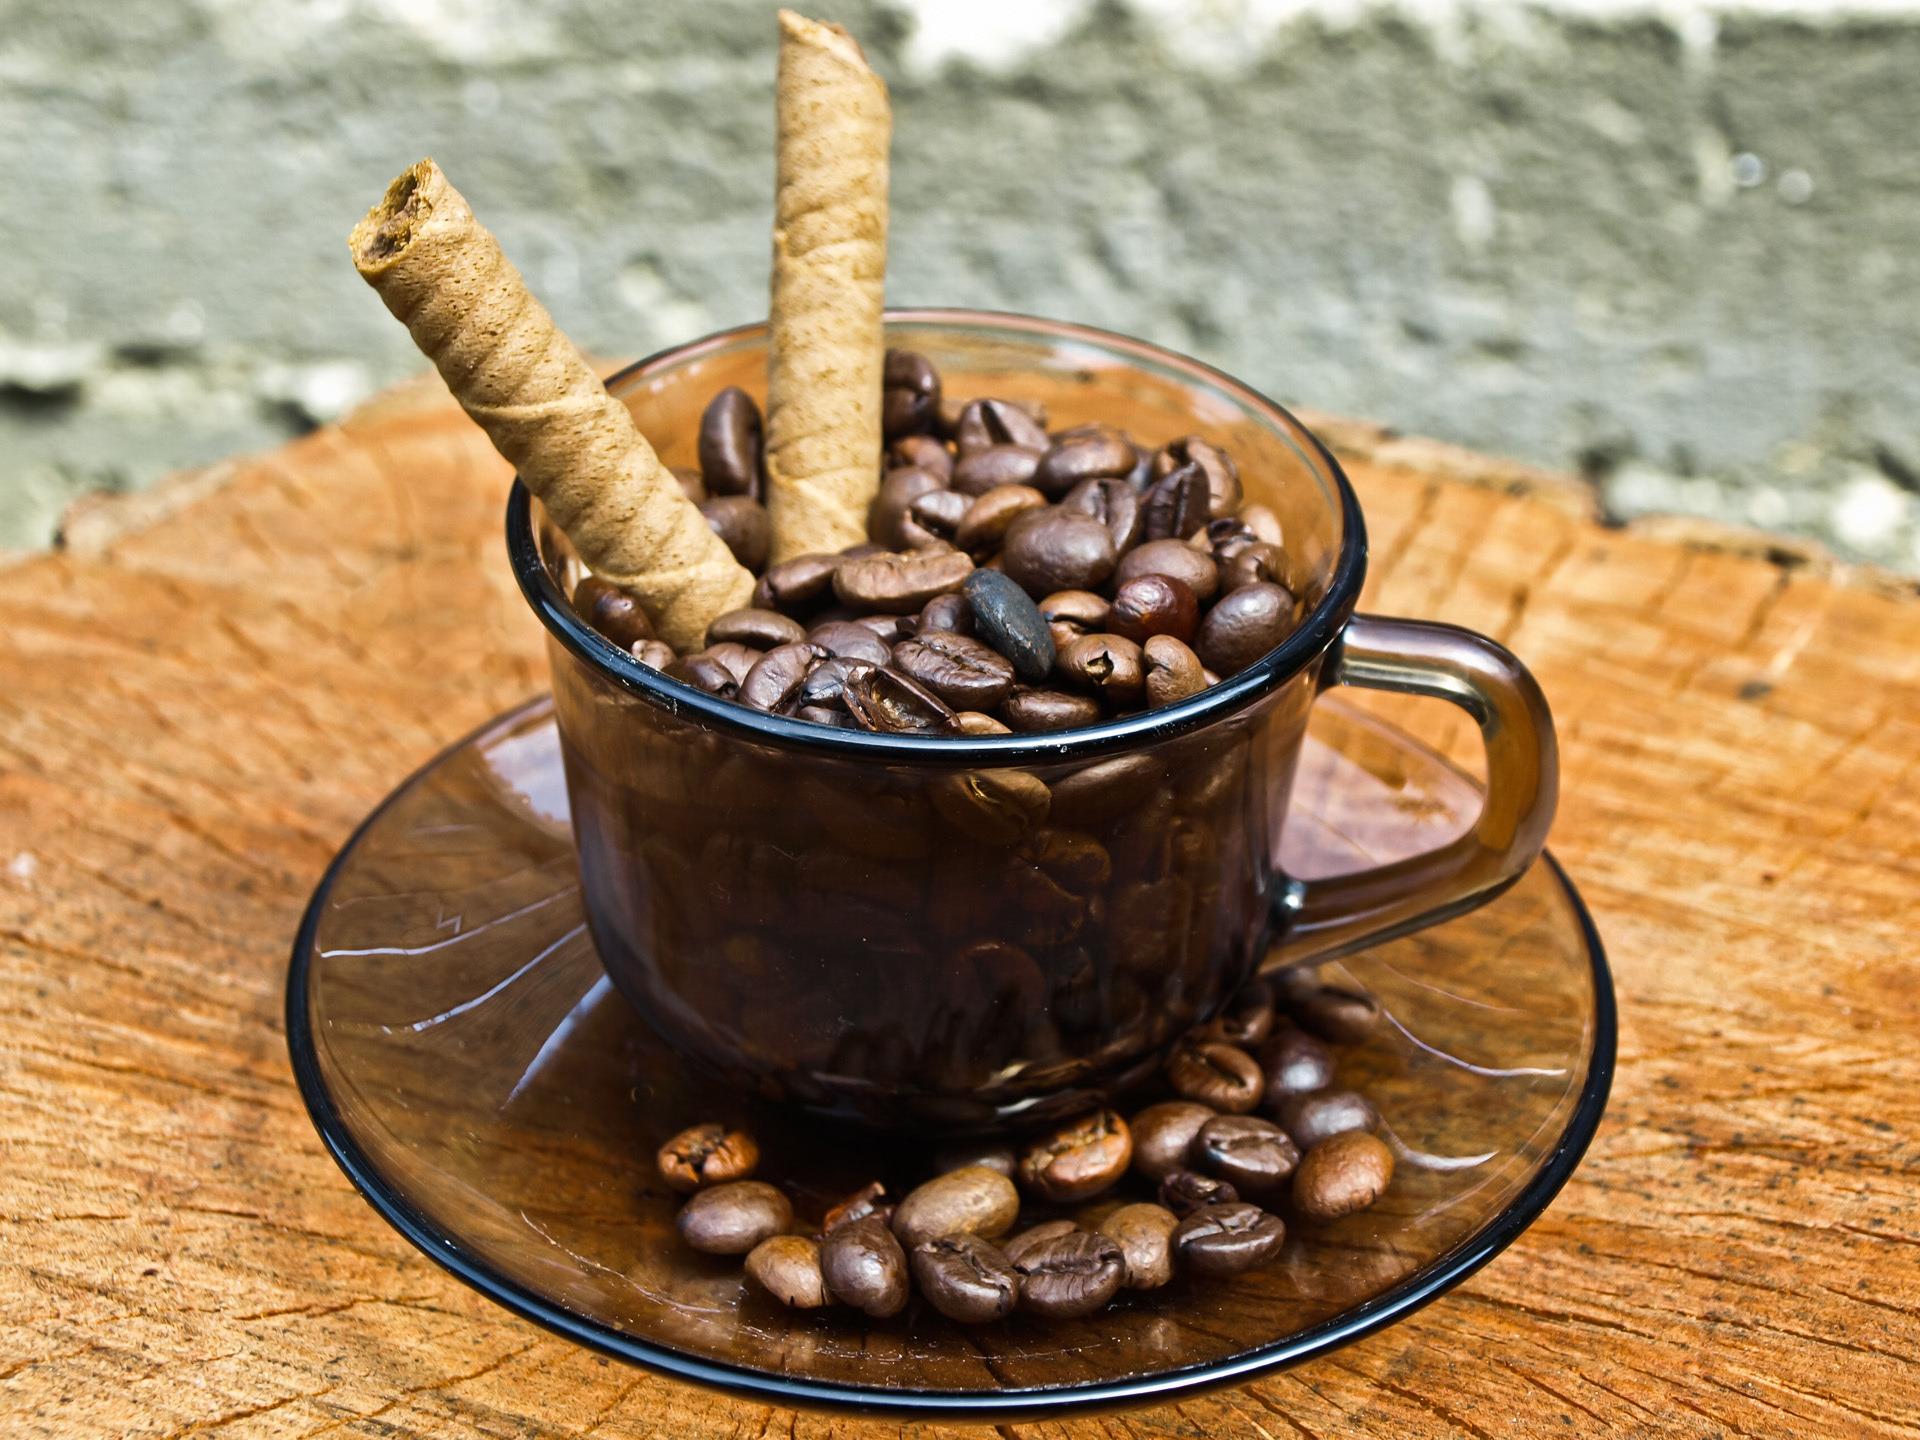 Кофе зерна чашка  № 2172395 загрузить